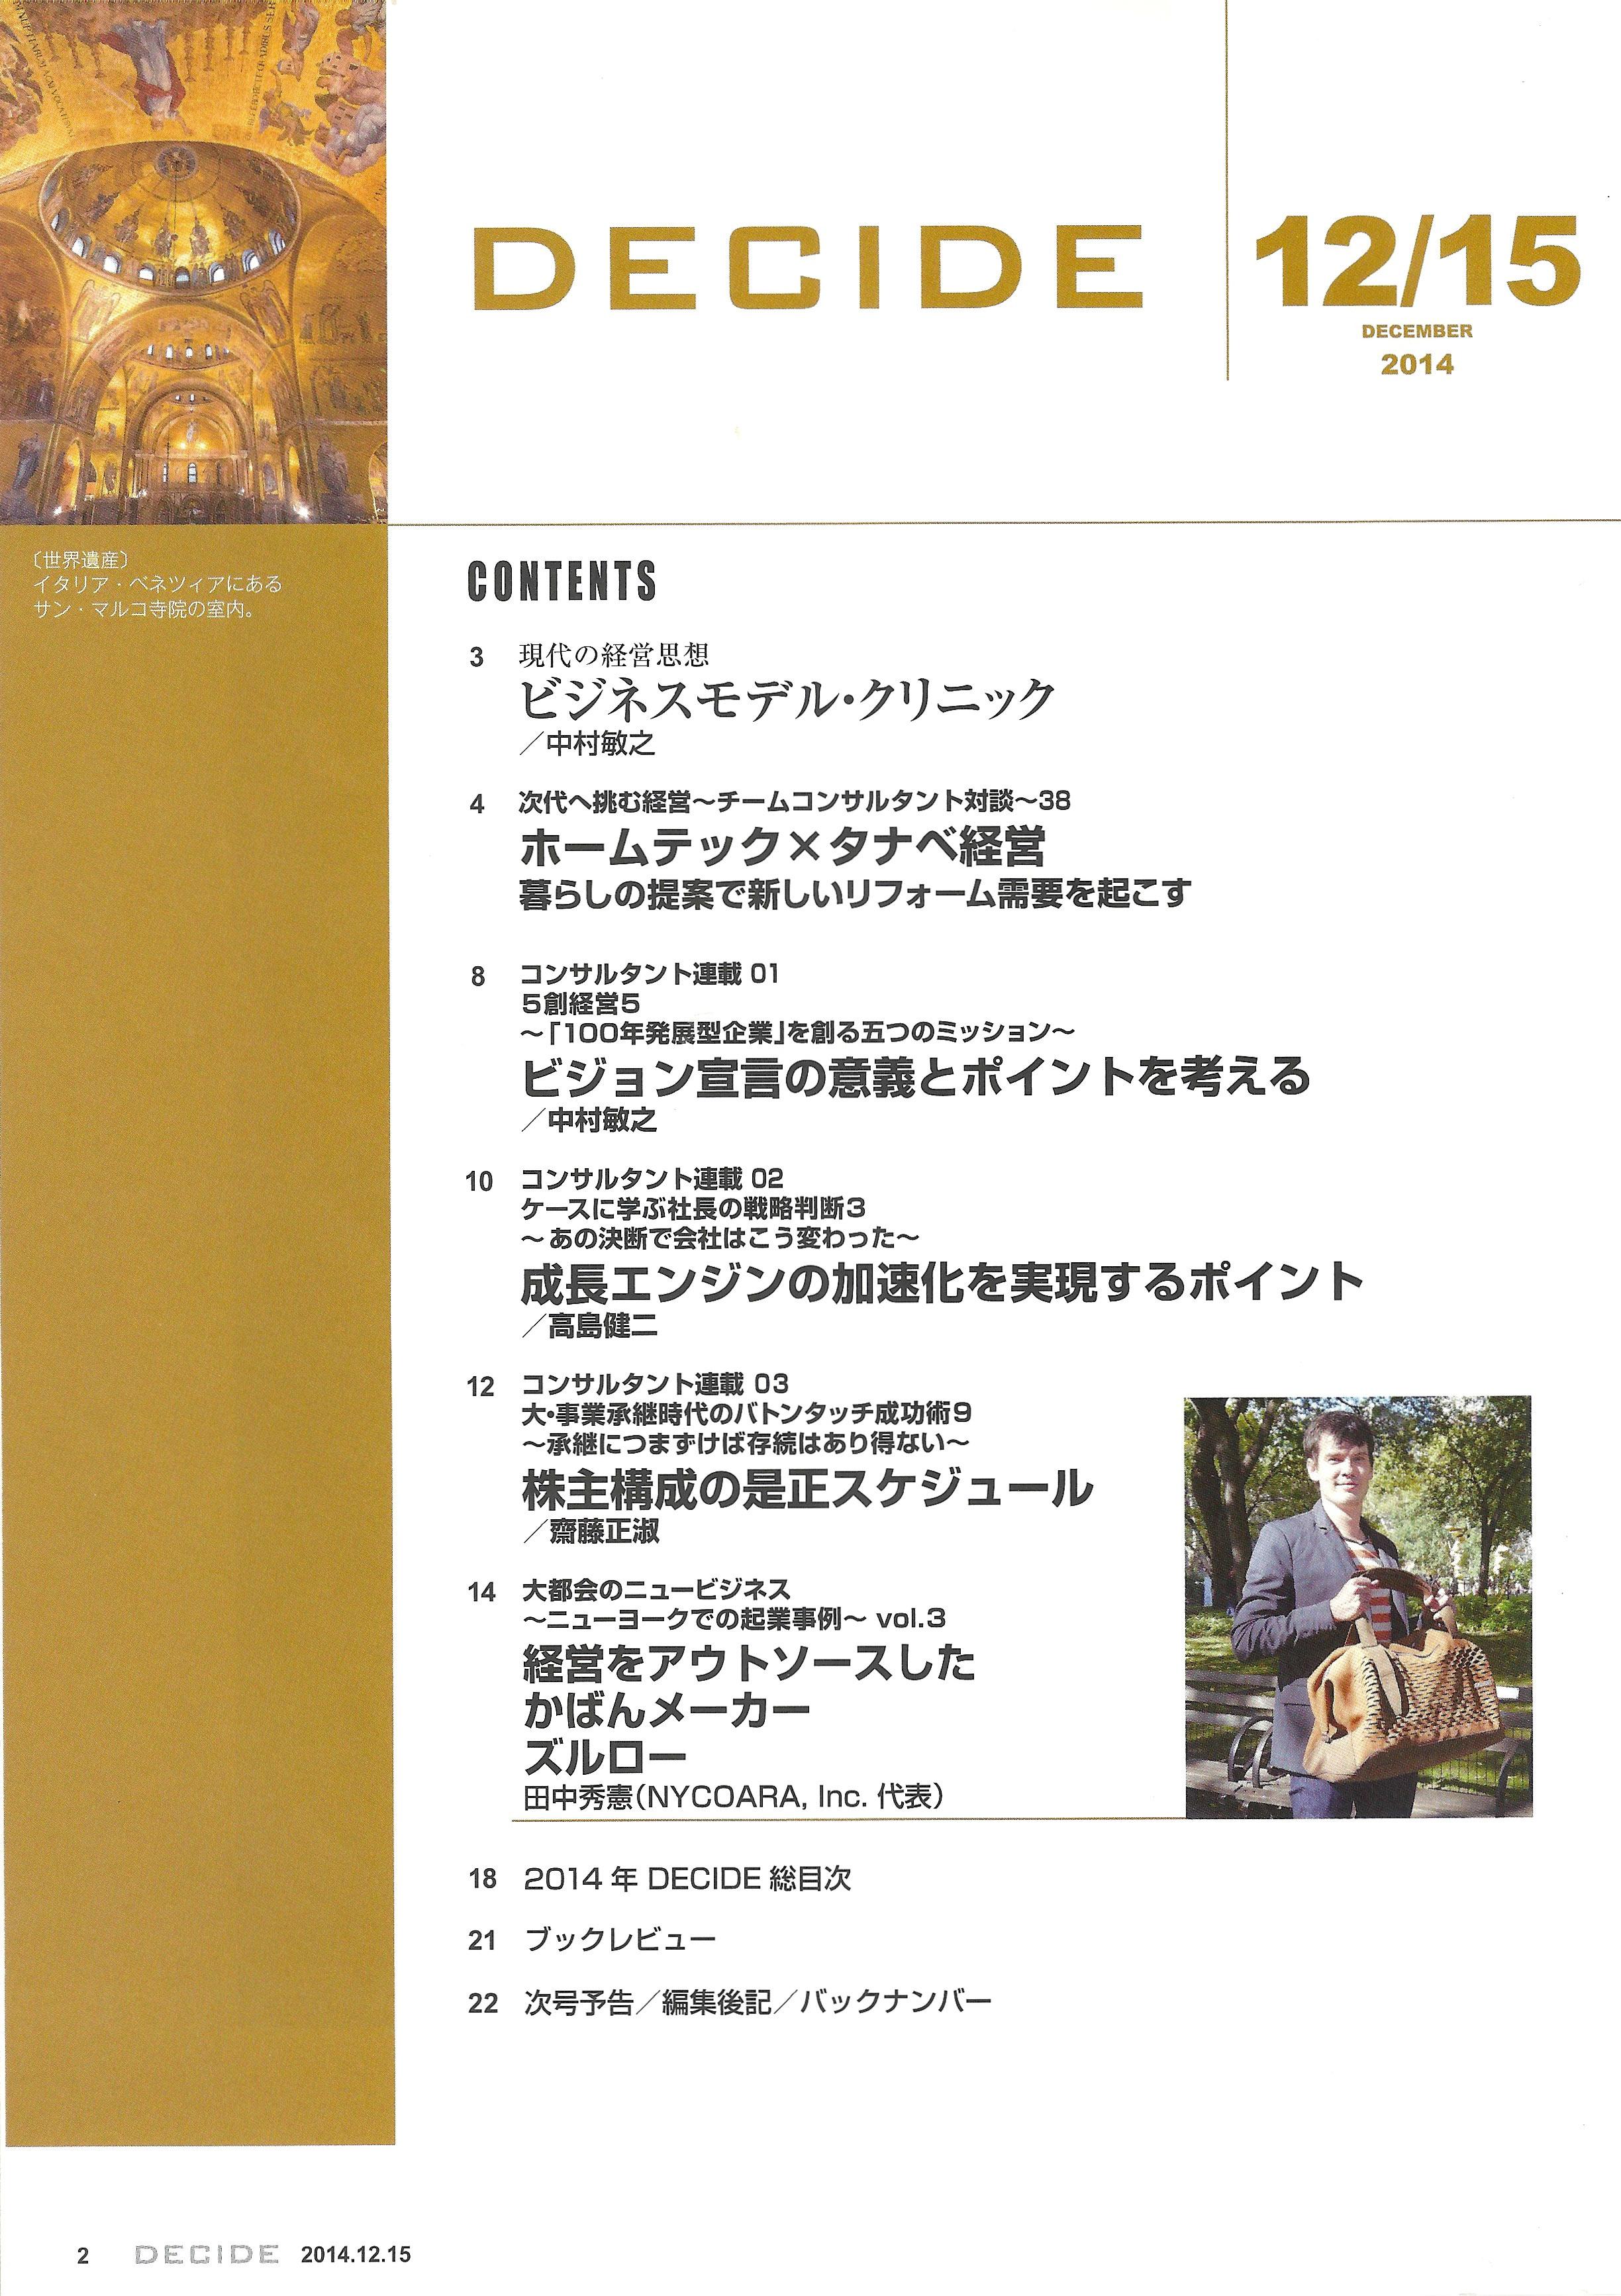 Decide Magazine Index 2015.jpg